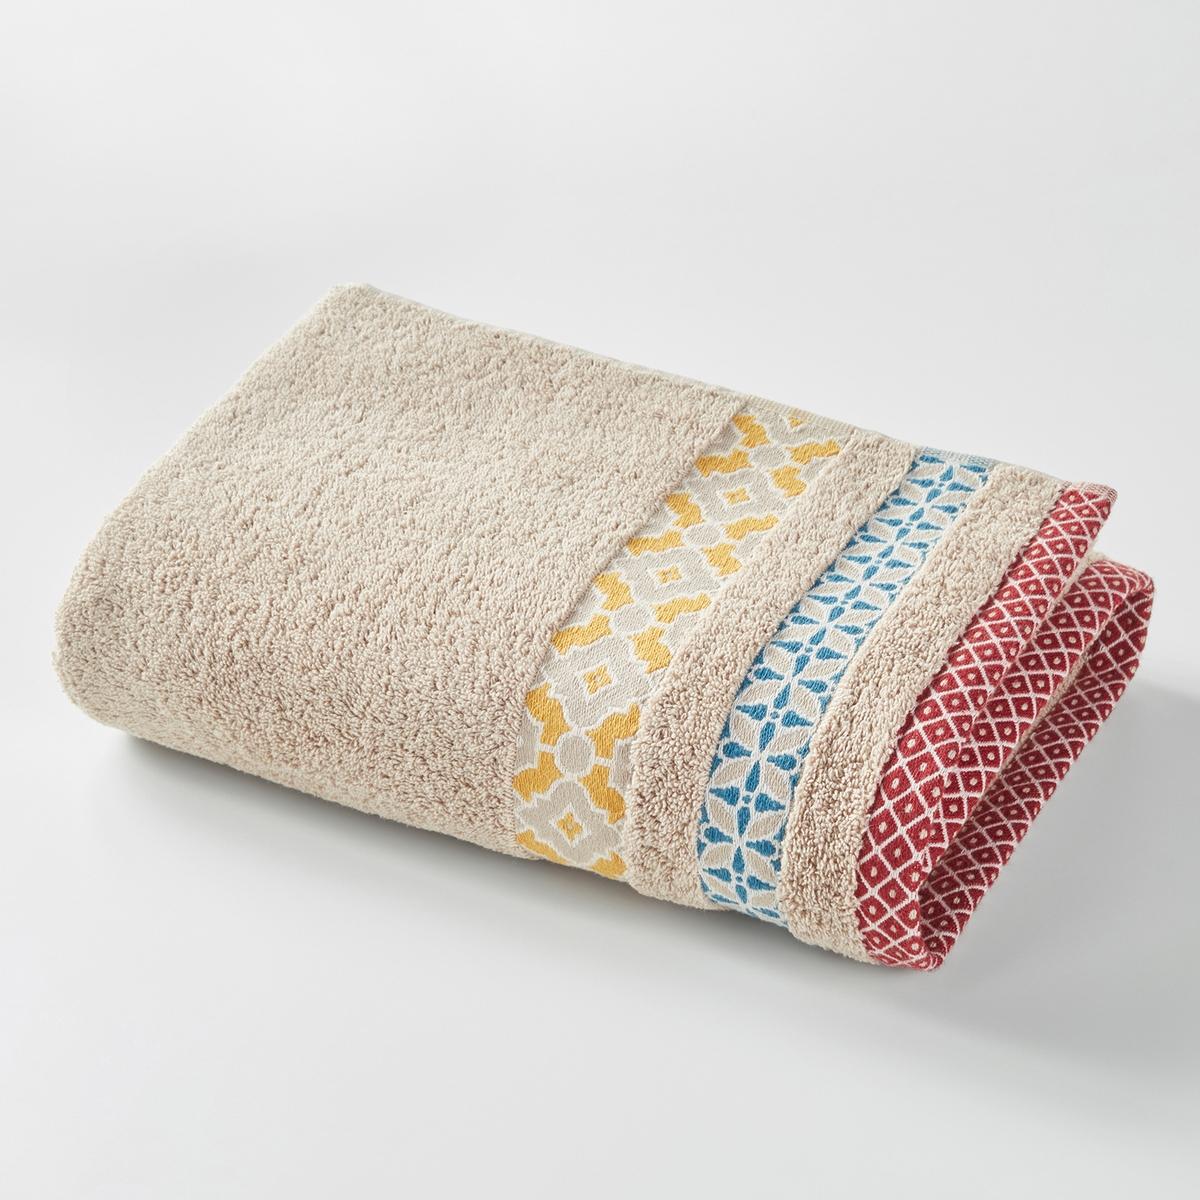 Полотенце, 100x150, 100% хлопка, EVORA.Банное полотенце с цветной кромкой из 100% хлопка, EVORA. Большое полотенце, мягкое и нежное, с цветной кромкой, оно непременно оживит любой интерьер ванной комнаты. Характеристики:Материал: махровая ткань, 100% хлопка (500гр/м?).Уход: Машинная стирка при 60°С.Жаккардовая кромка.Размеры:100 x 150 см.<br><br>Цвет: бежевый,кирпичный,сине-зеленый